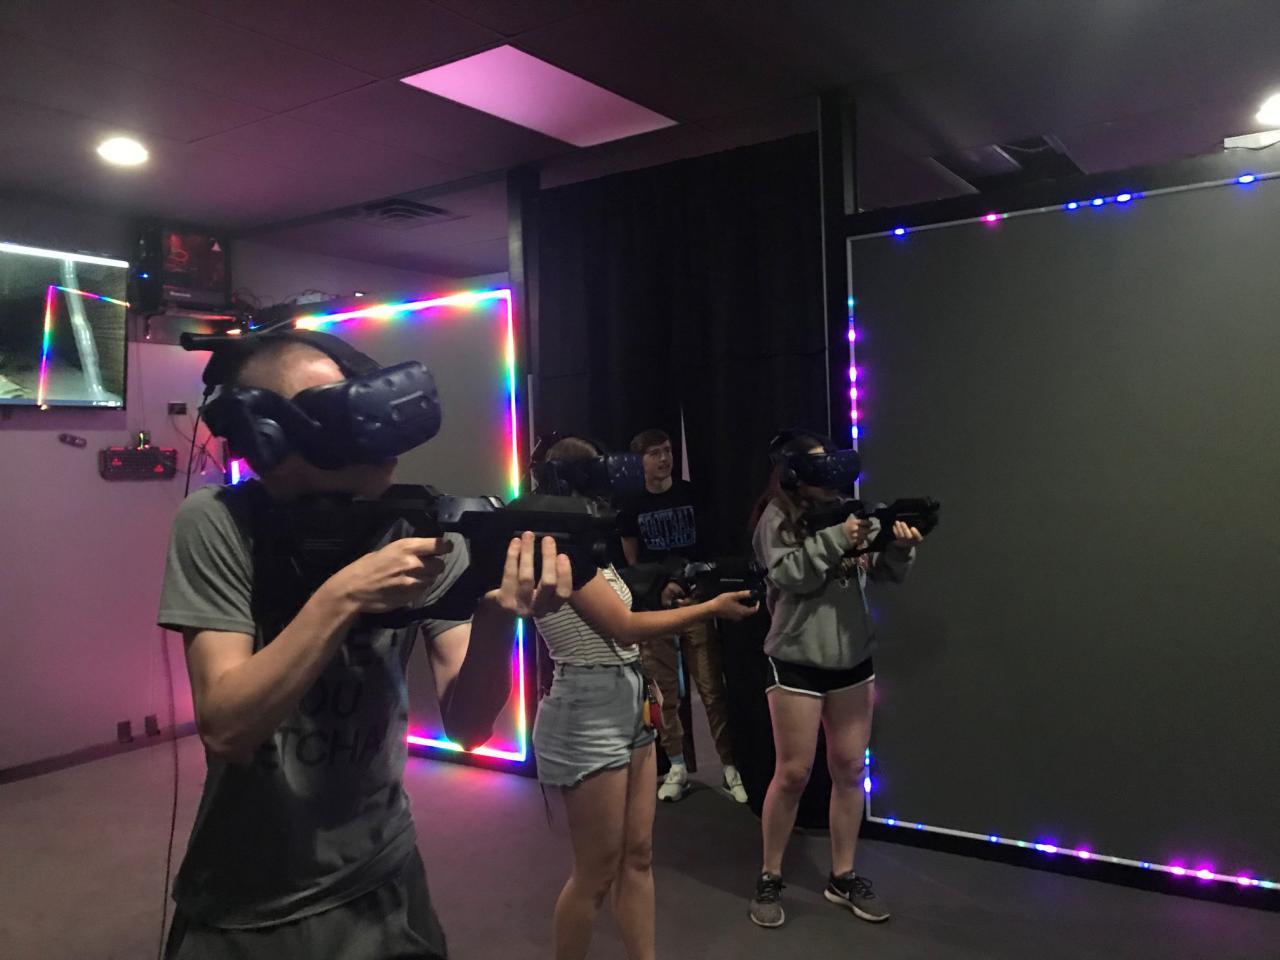 VR Free Roam